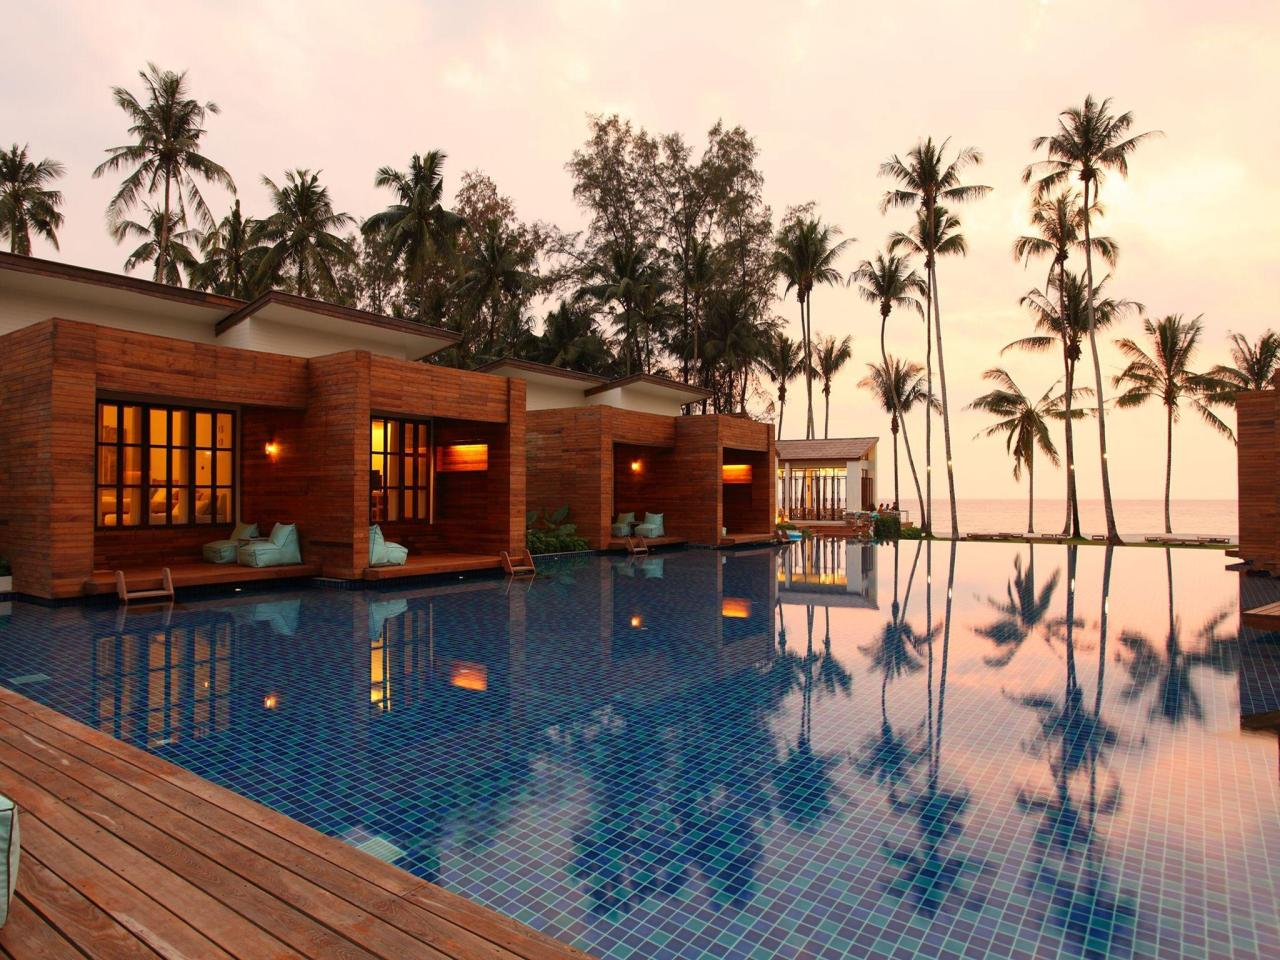 เวนดี้ เดอะ พูล รีสอร์ท (Wendy The Pool Resort)